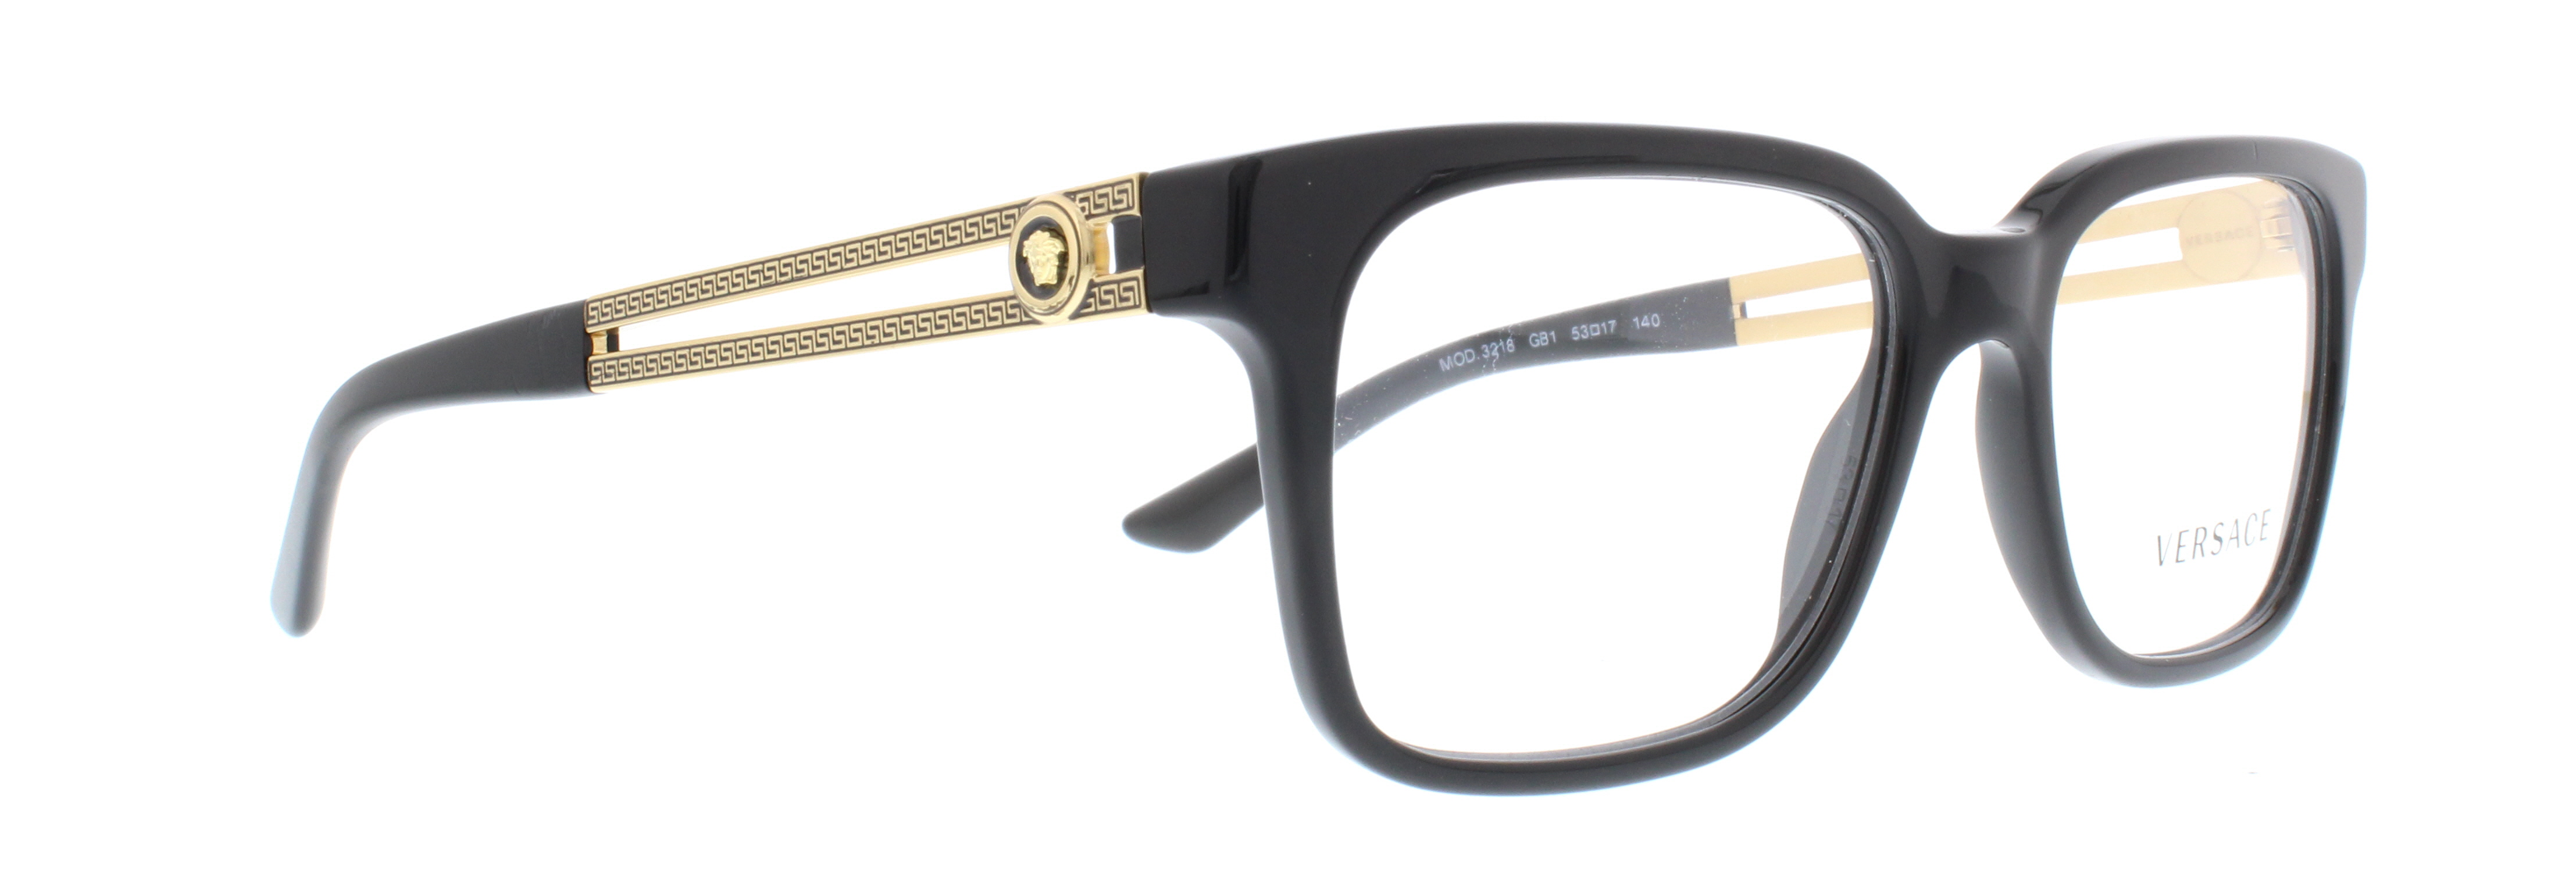 70a9838066 Designer Frames Outlet. Versace VE3218